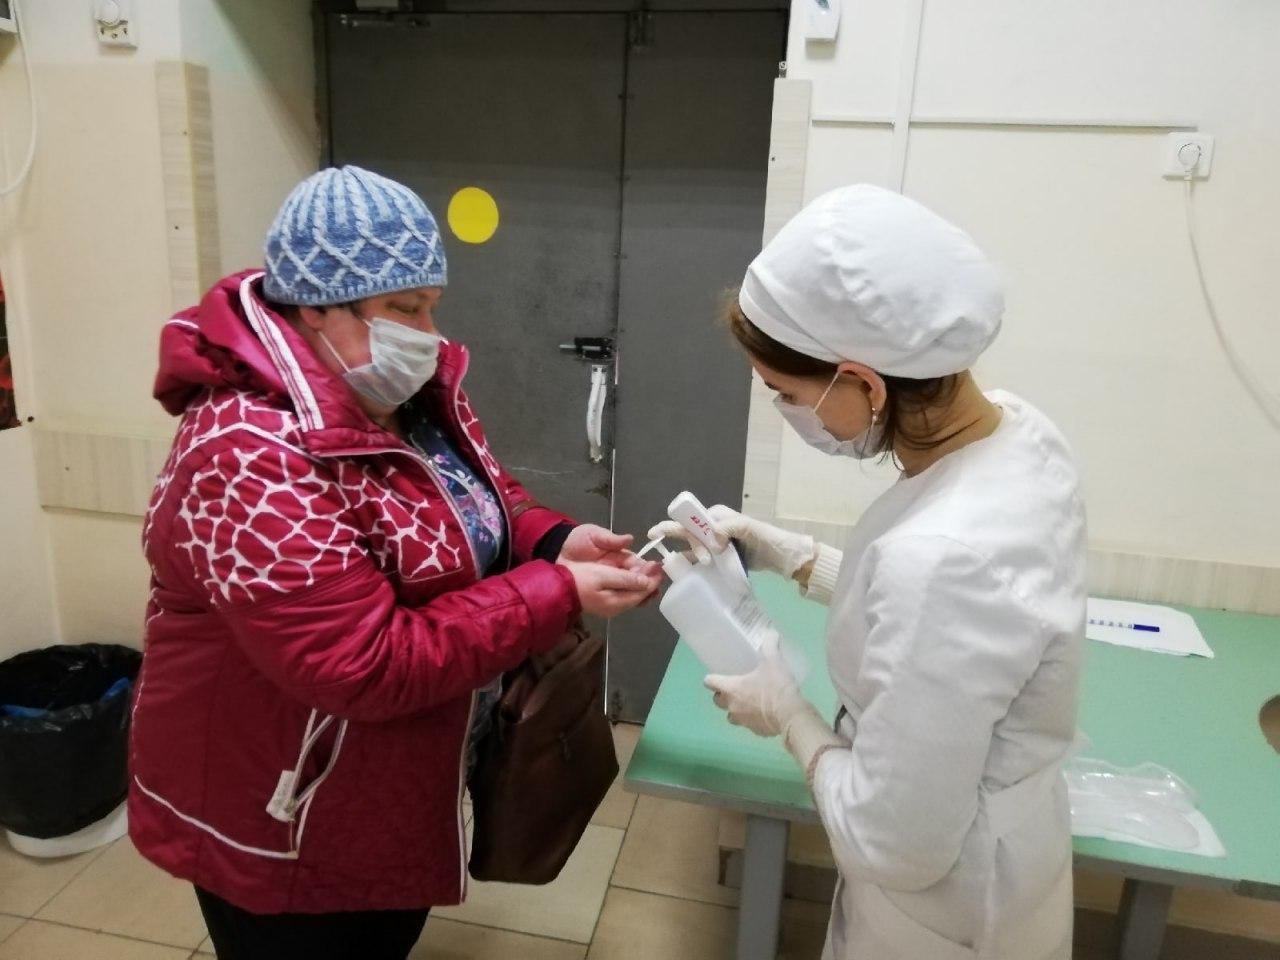 Волонтеров СГМУ за помощь в пандемию наградили медалями Президента России